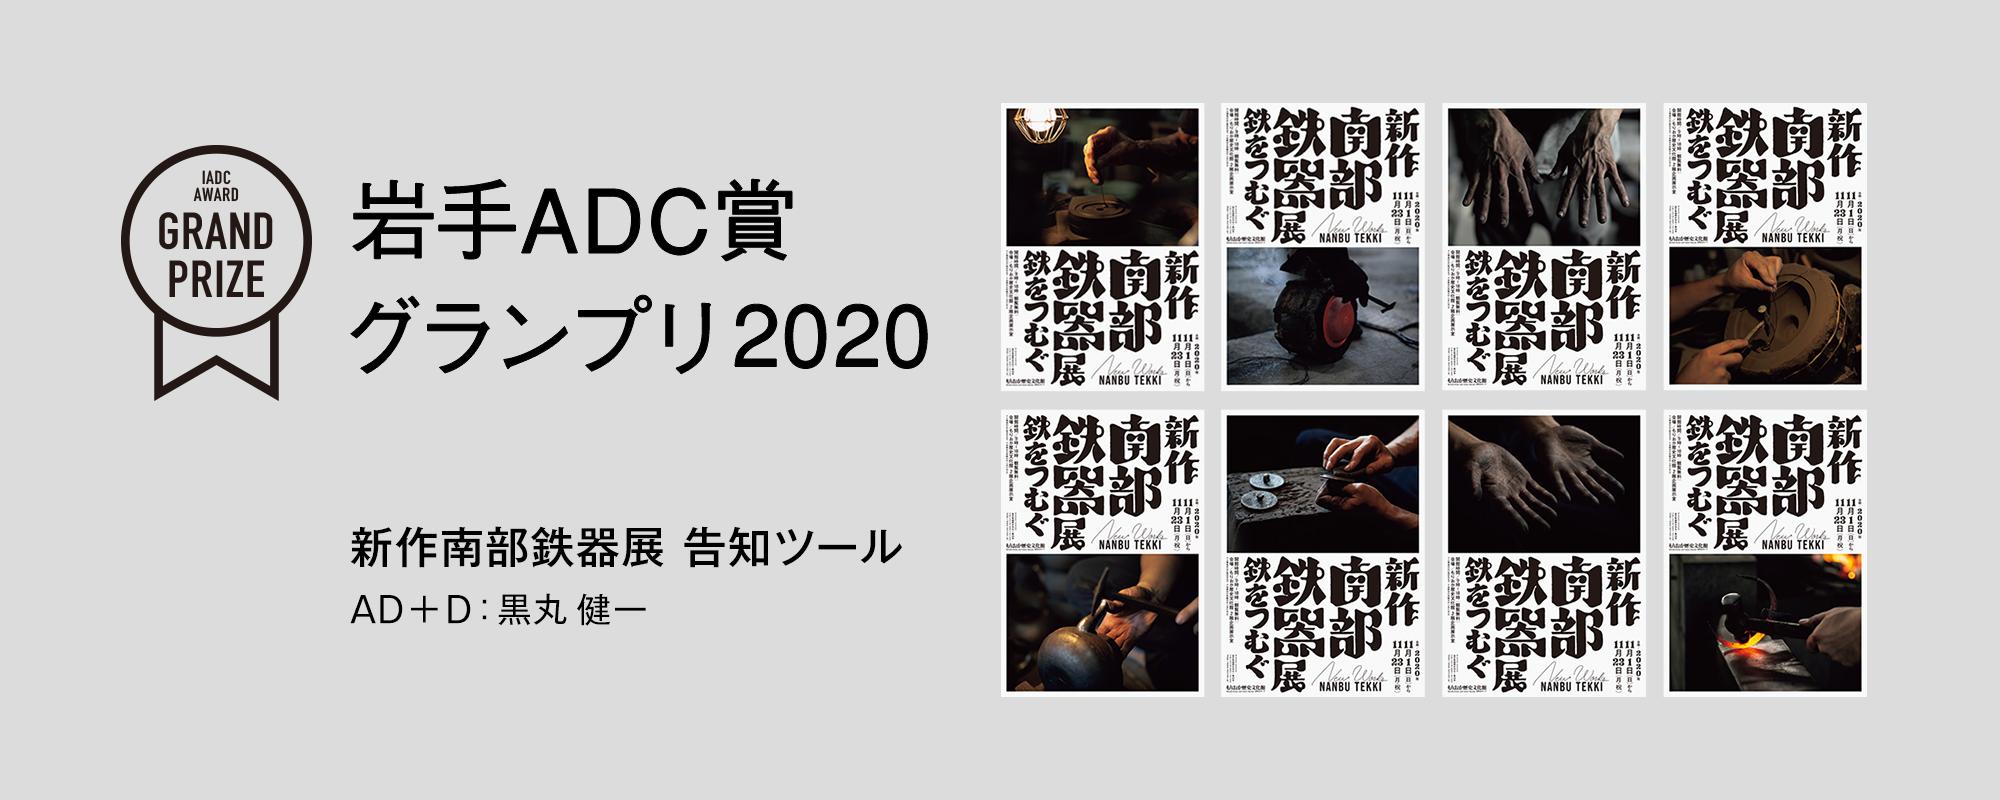 岩手ADC賞 グランプリ2020